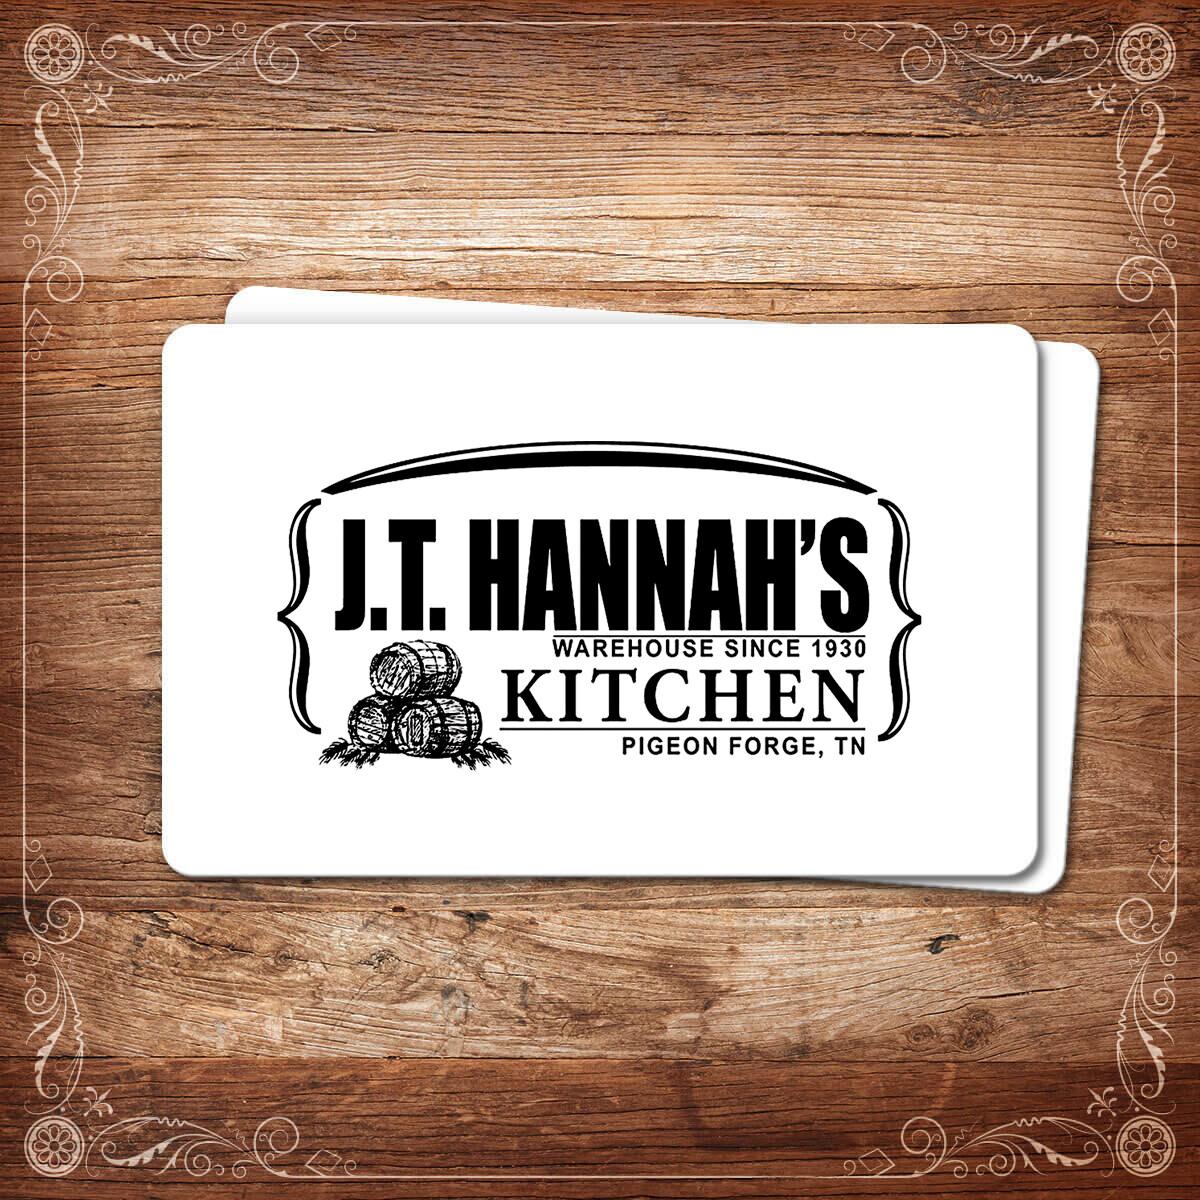 JT Hannah's Kitchen Gift Card